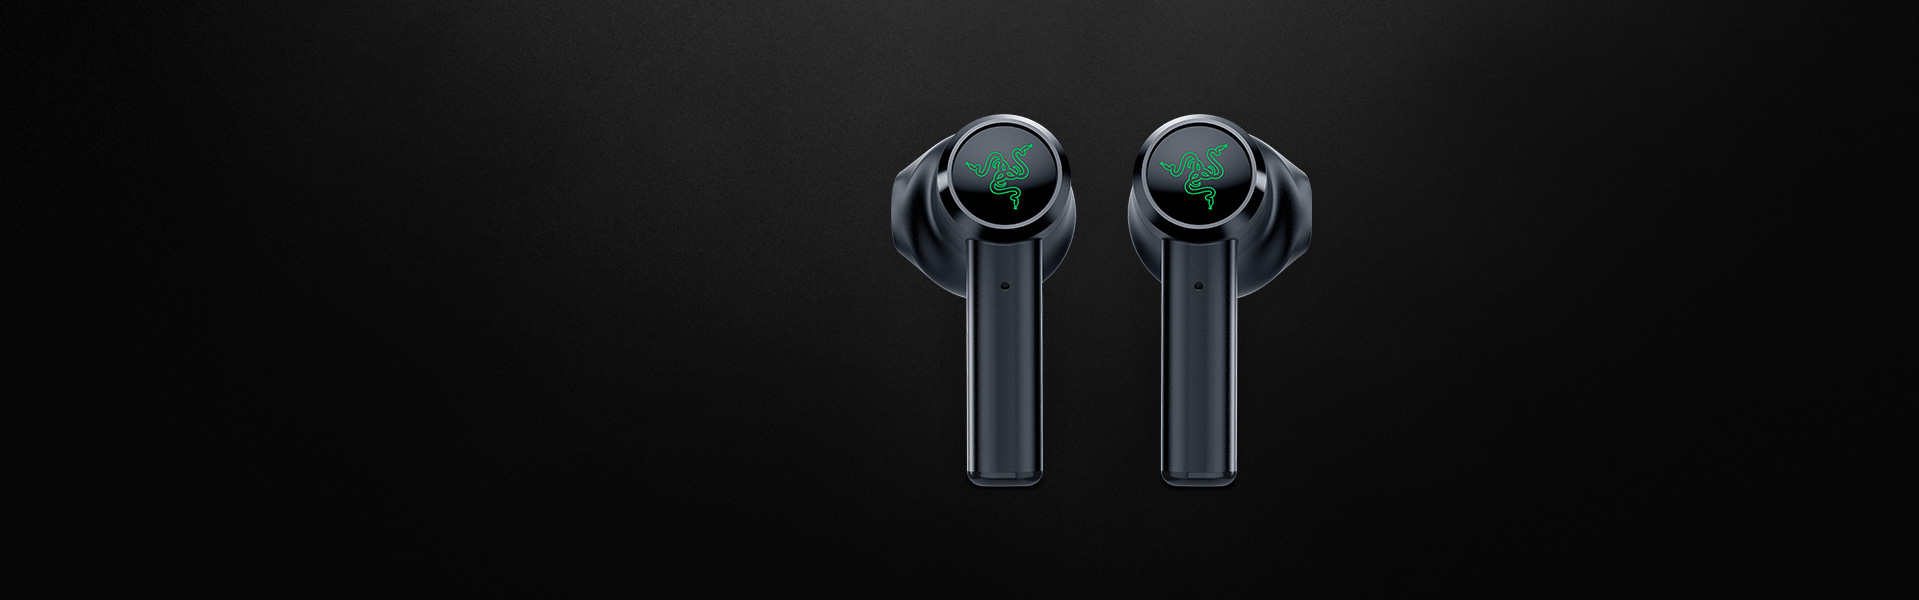 Tai nghe Razer Hammerhead True Wireless In-ear có kết nối độ trễ thấp